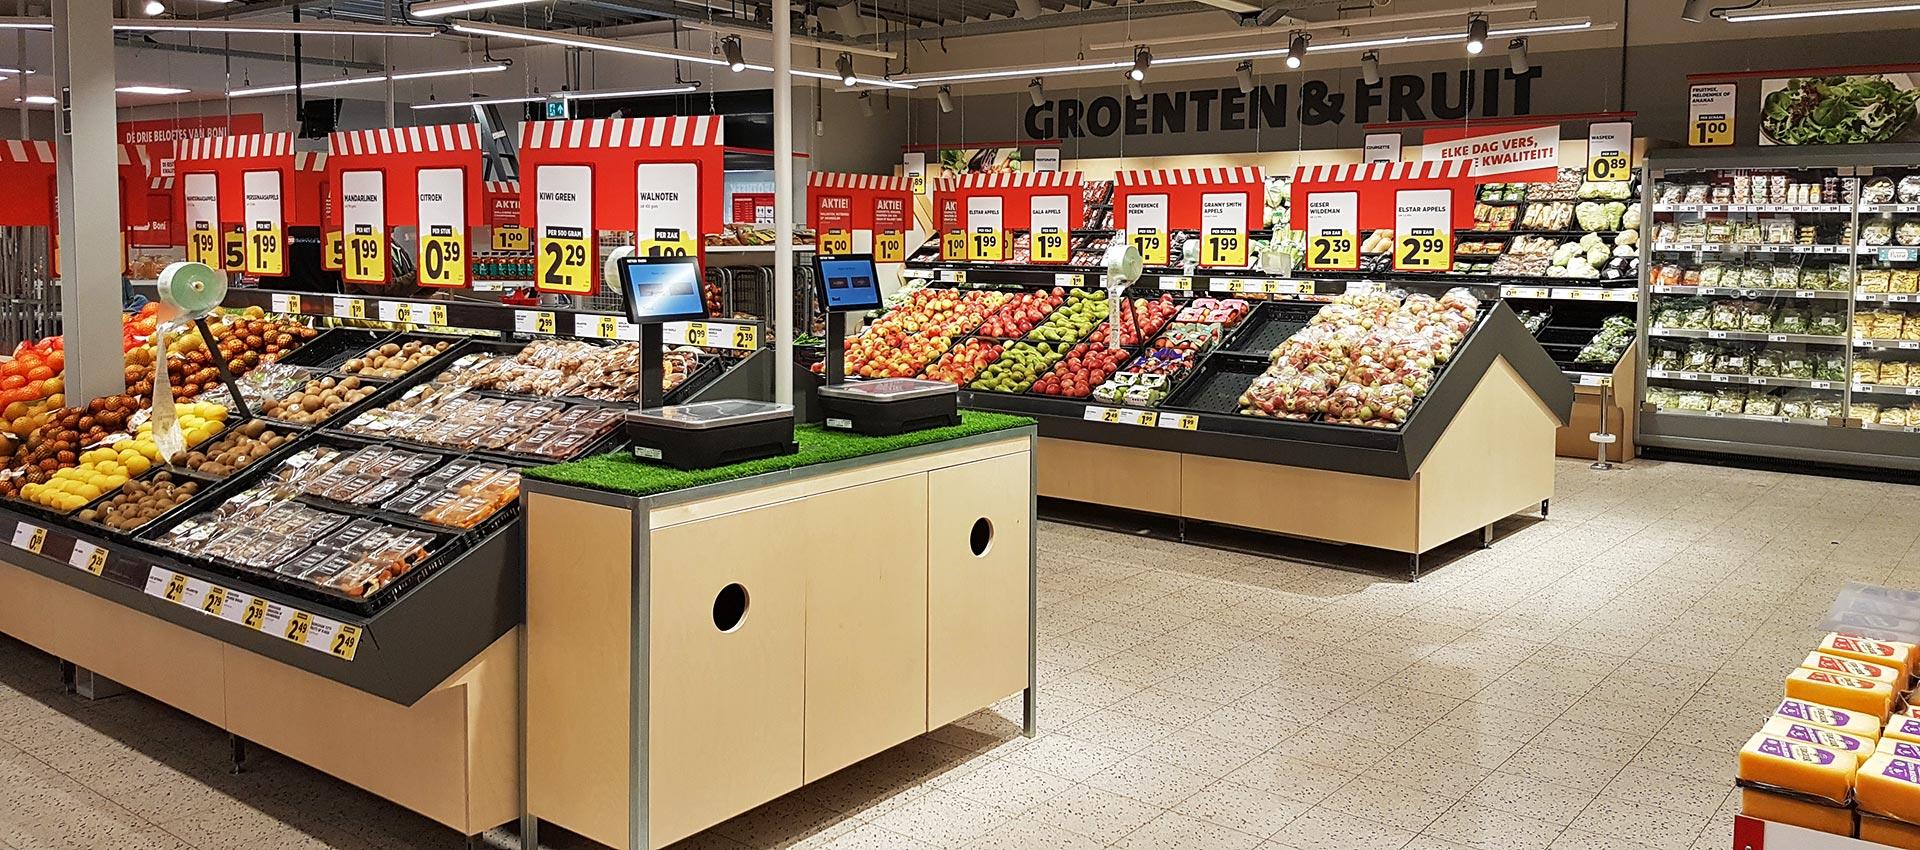 Supermarkt inrichten